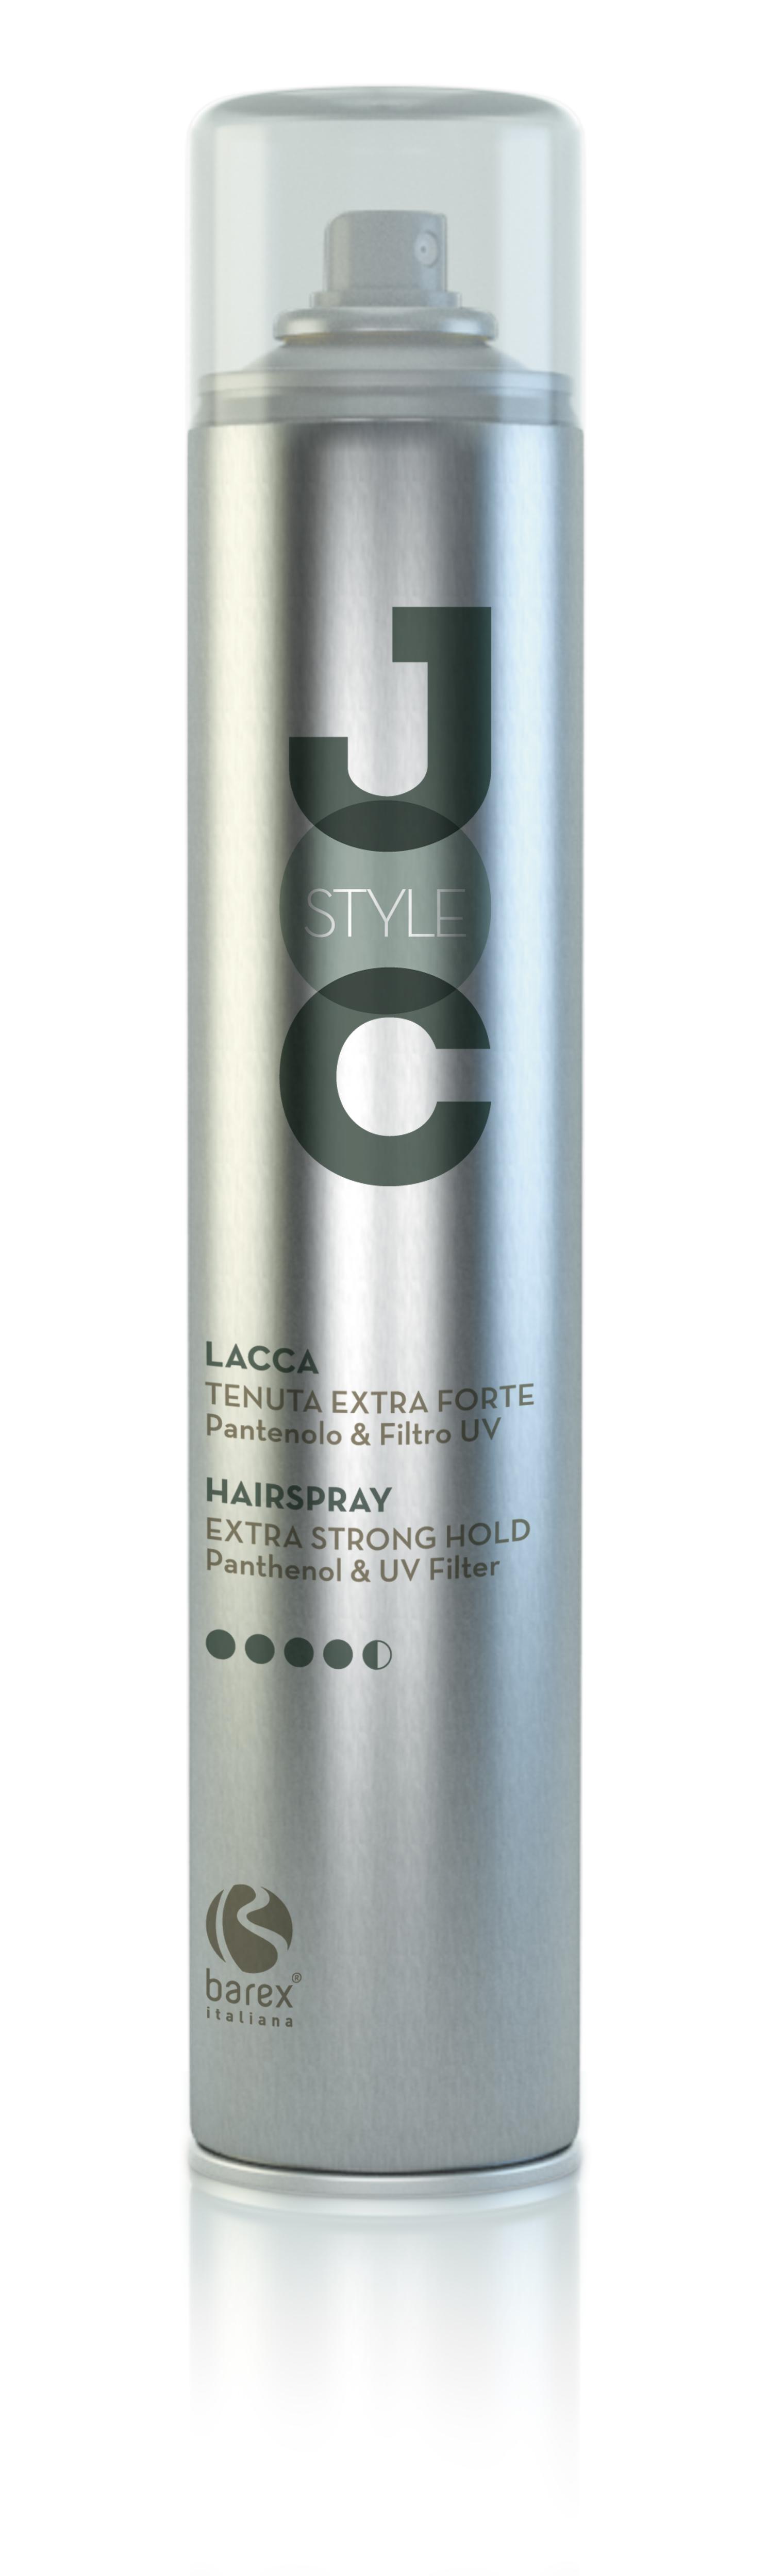 BAREX Лак сильной фиксации с UV-фильтром и D-пантенолом / JOC STYLE 500млЛаки<br>Позволяет фиксировать укладки на длительное время, придавая причёске желаемую форму и объём. Не склеивает волосы. Пантенол: увлажняет волосы и защищает их от действия атмосферной влаги. Активные ингредиенты: пантенол. Способ применения: для традиционной укладки, распылите на сухие или влажные волосы с расстояния 30 см; для увеличения объёма приподнимите прядь волос и распылите средство на корни с расстояния 15 см.<br><br>Объем: 500